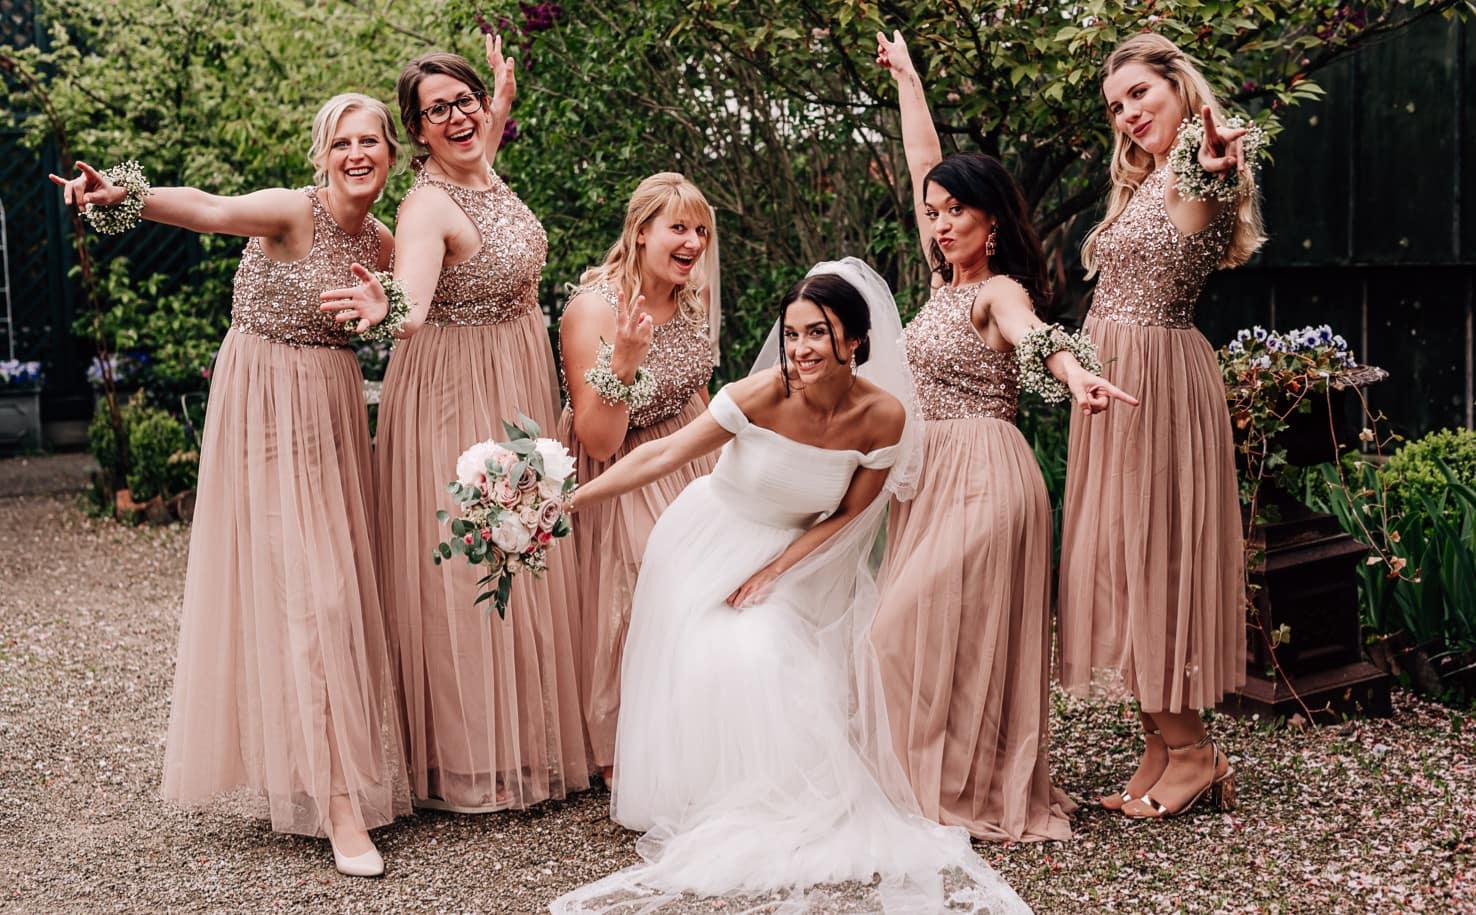 Hochzeitsplanung: was gibt es zu beachten? Wir geben euch hilfreiche Tipps zum Thema Planung rund um die Hochzeit vom Profi